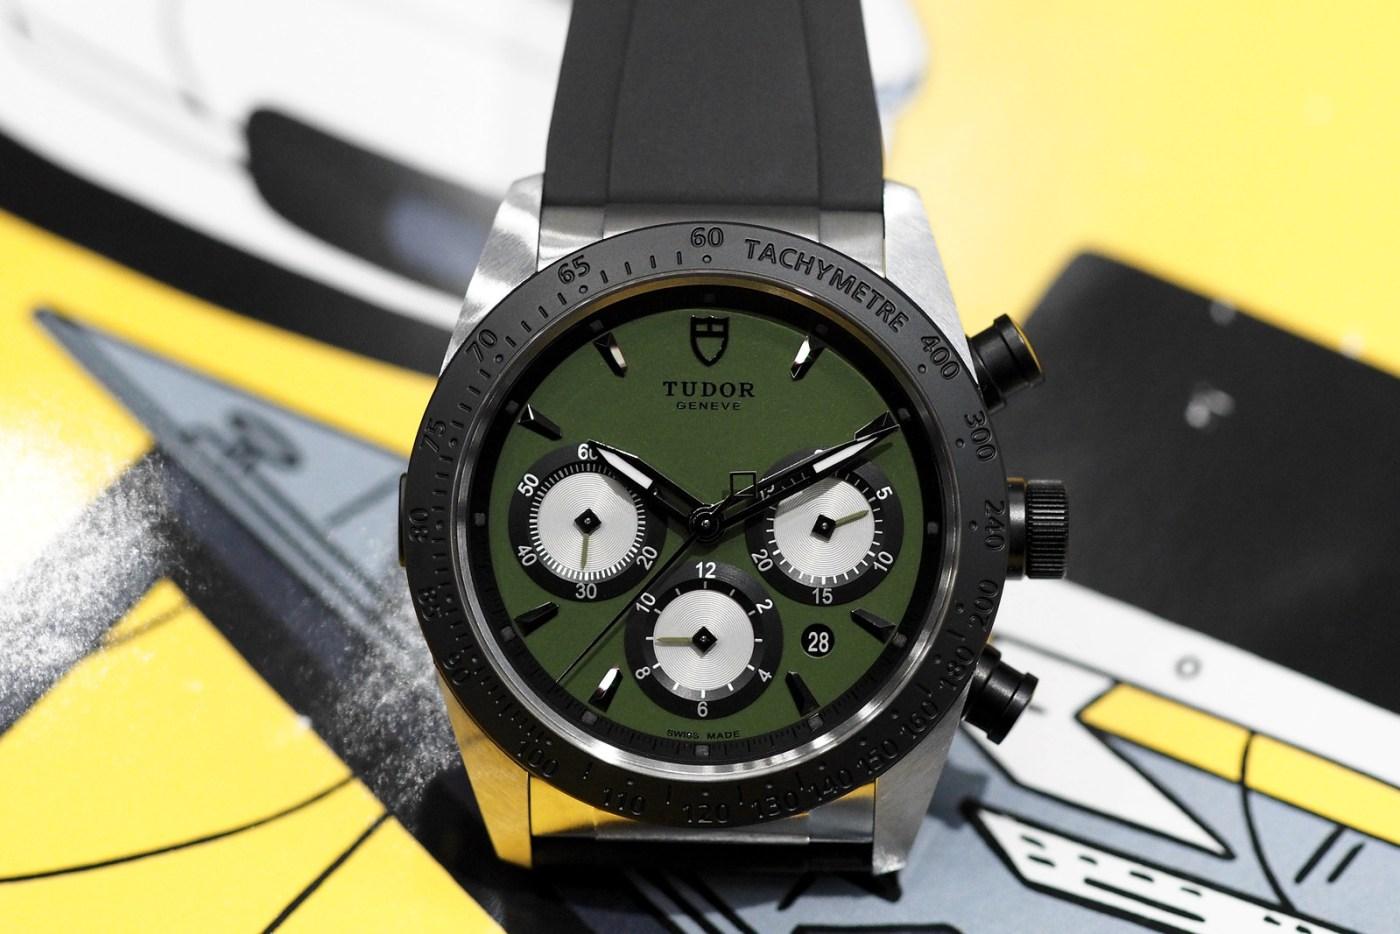 Tudor Fastrider Chrono green dial